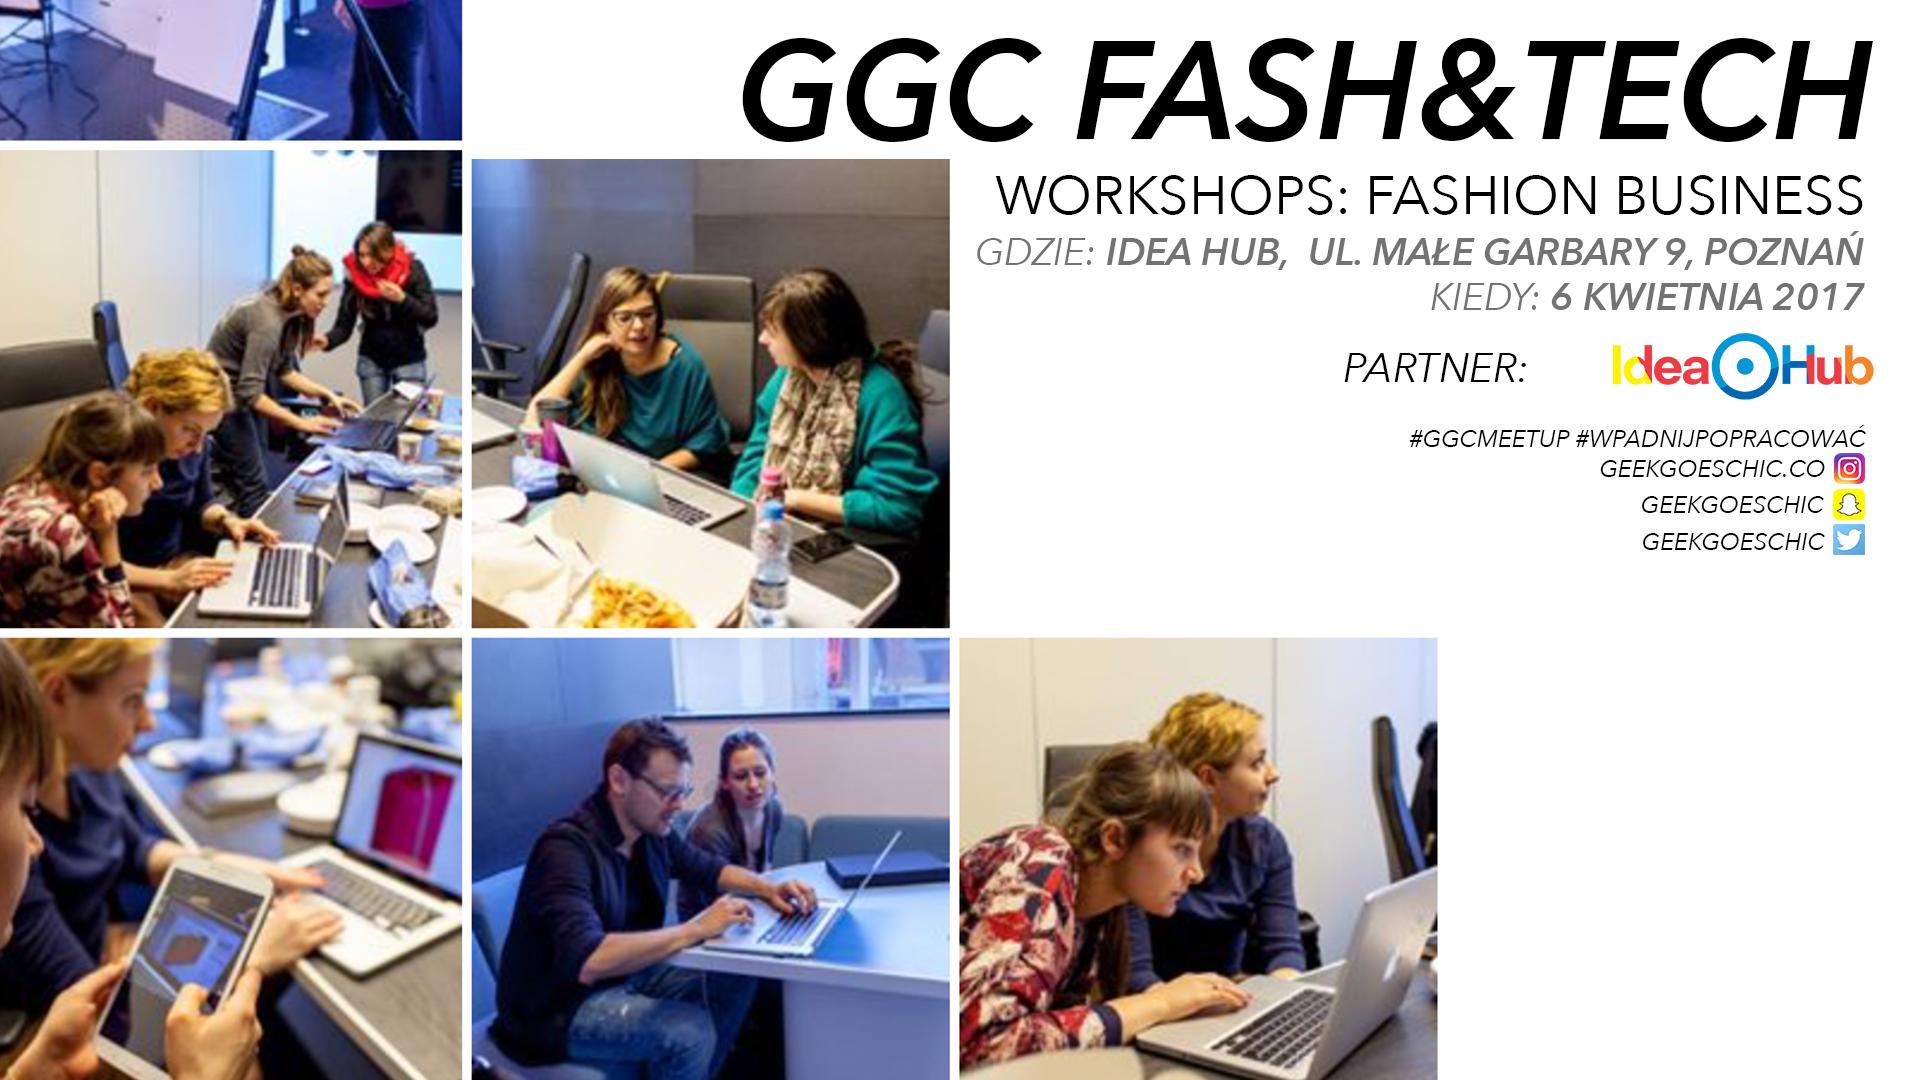 Plakat promujący warsztaty GeekGoesChic w Poznaniu